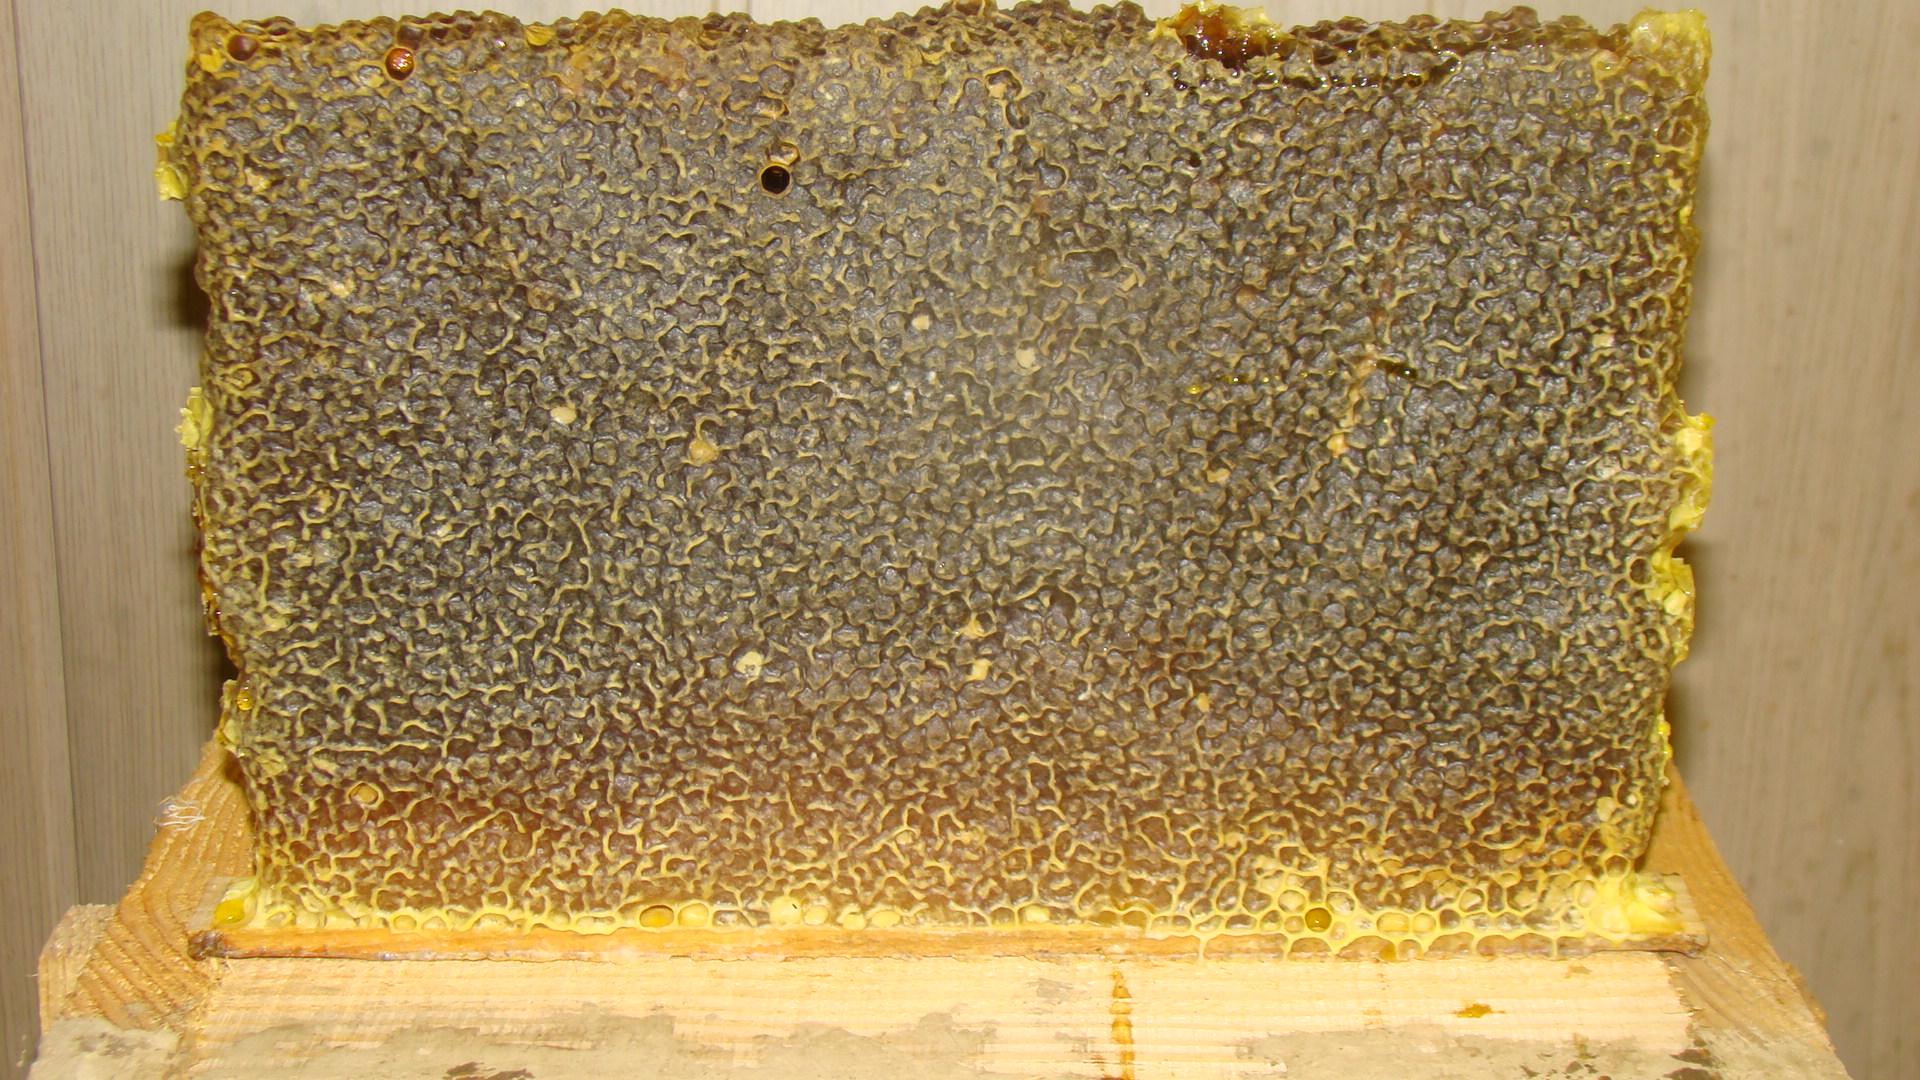 Пчеловоды есть? Всё о пчеловодстве - Страница 3 0229294001377359330